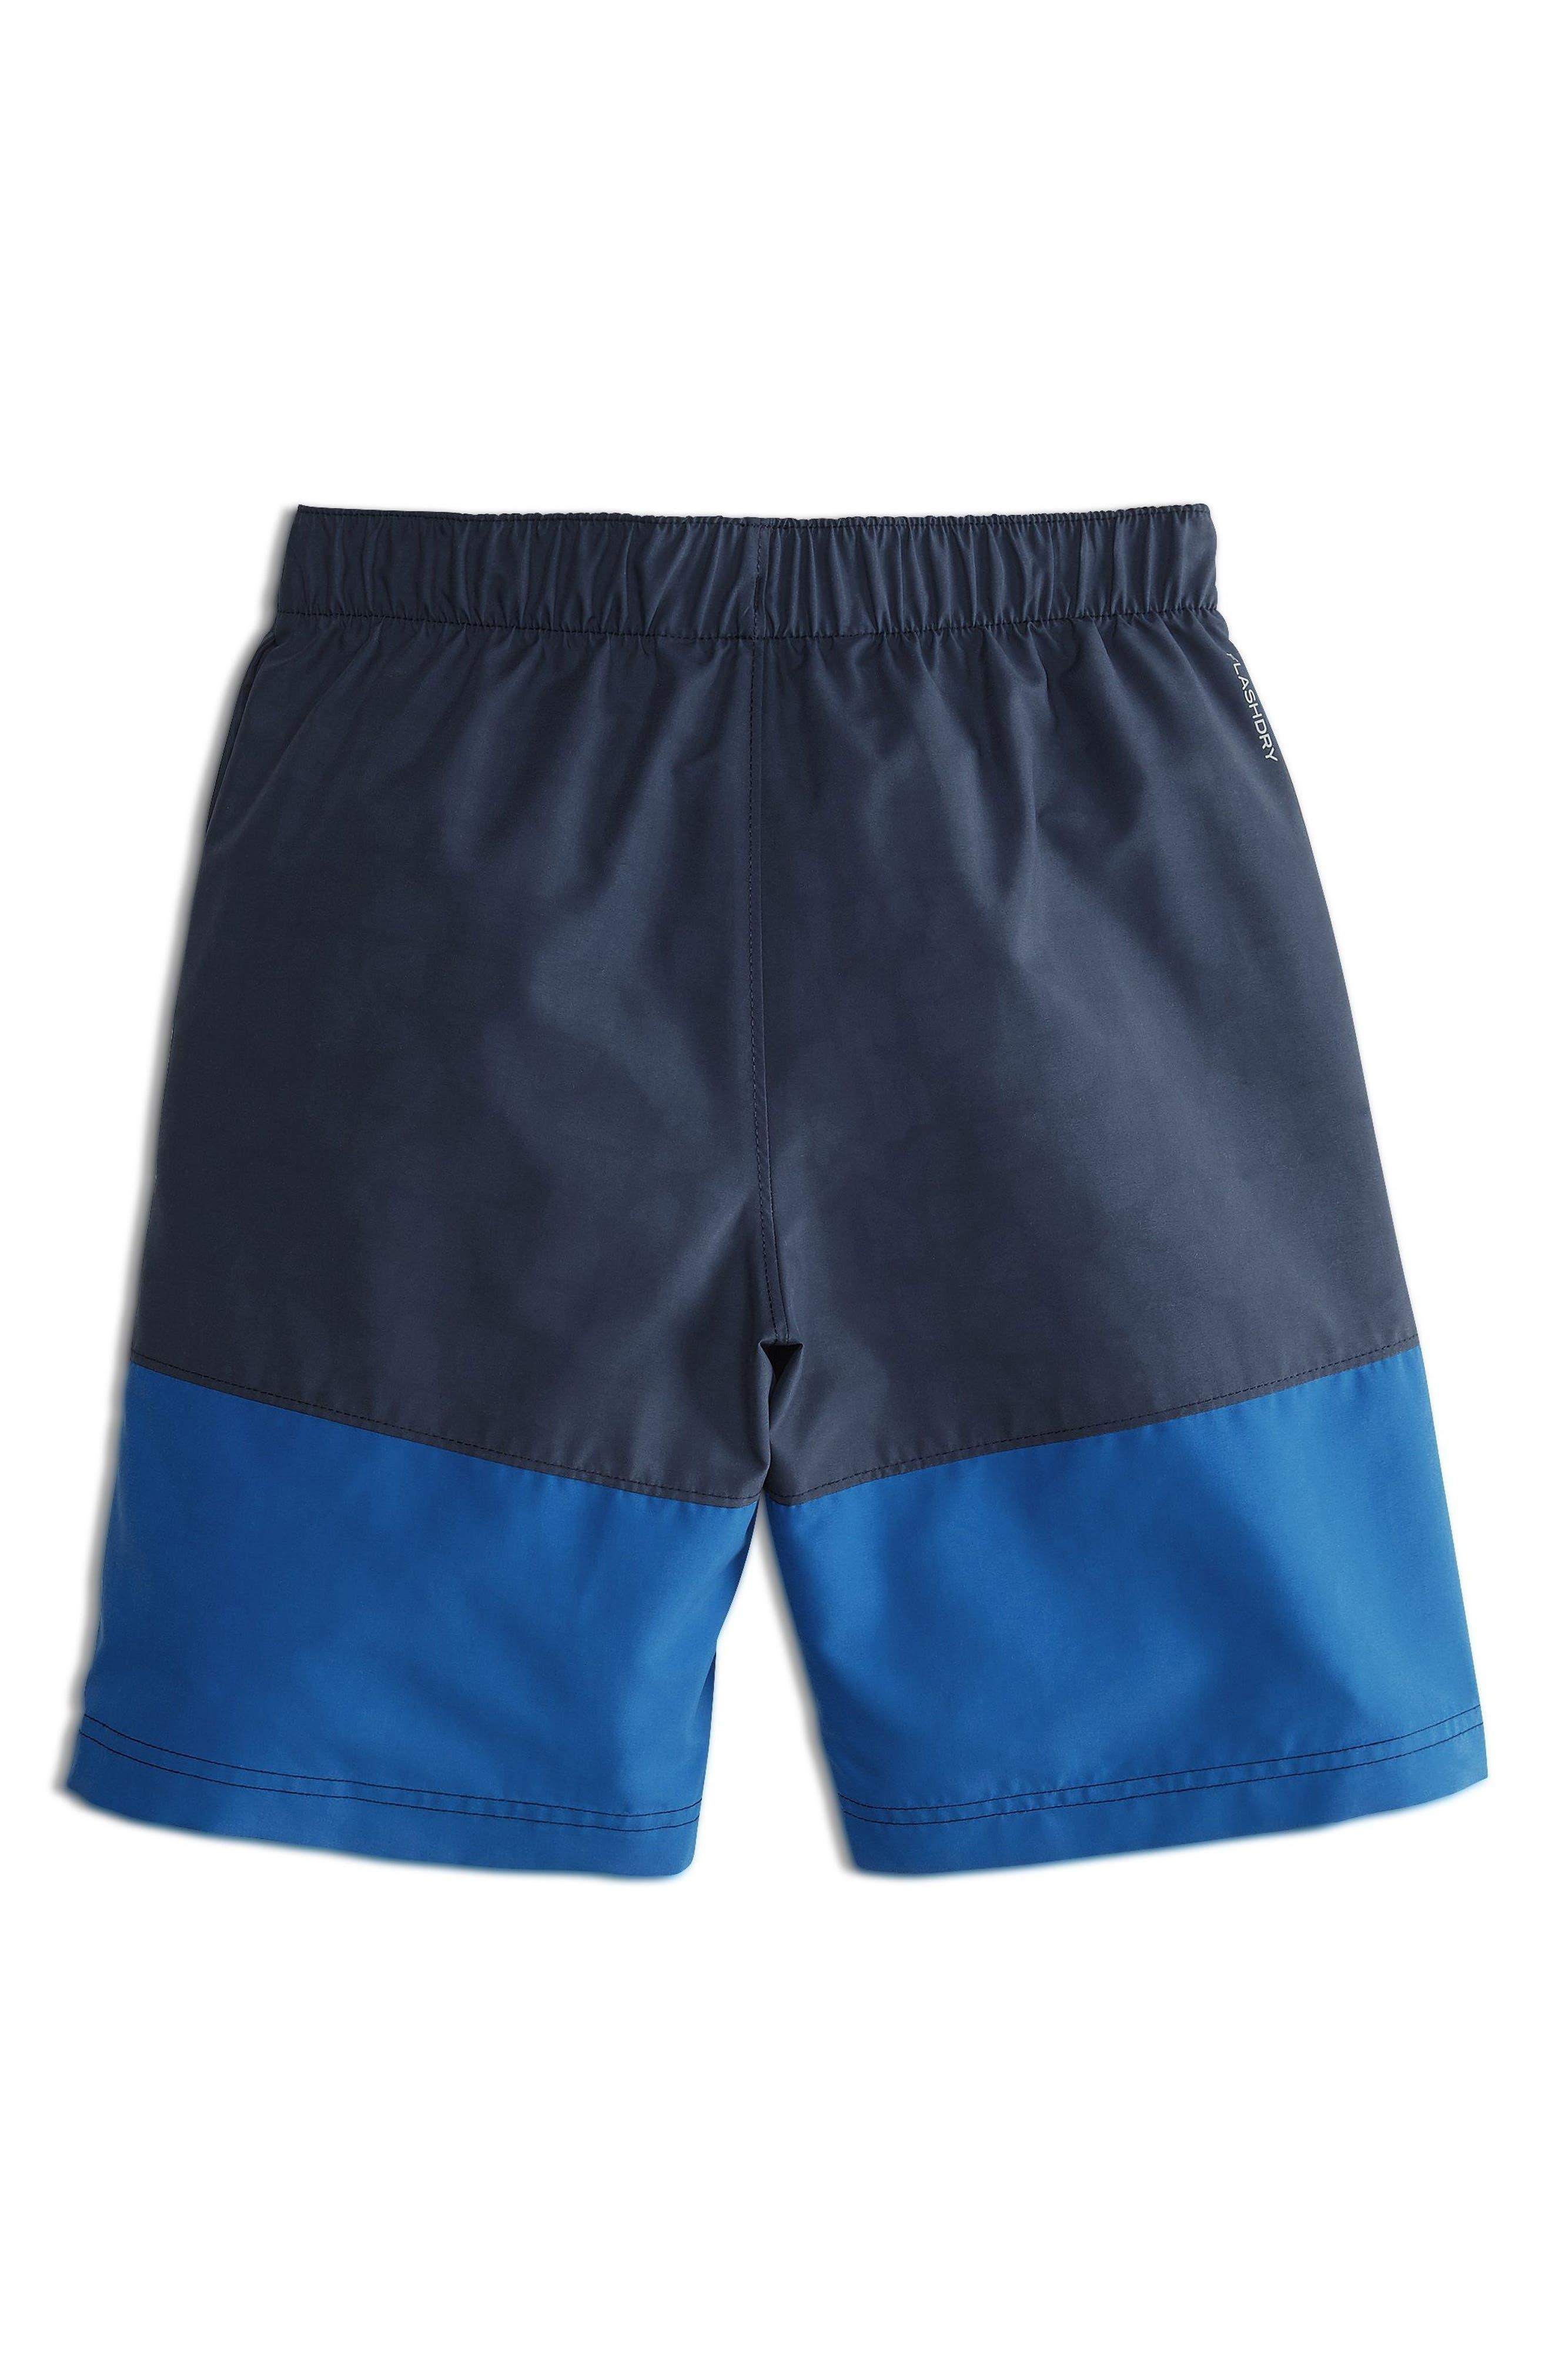 Swim Shorts,                             Alternate thumbnail 3, color,                             401